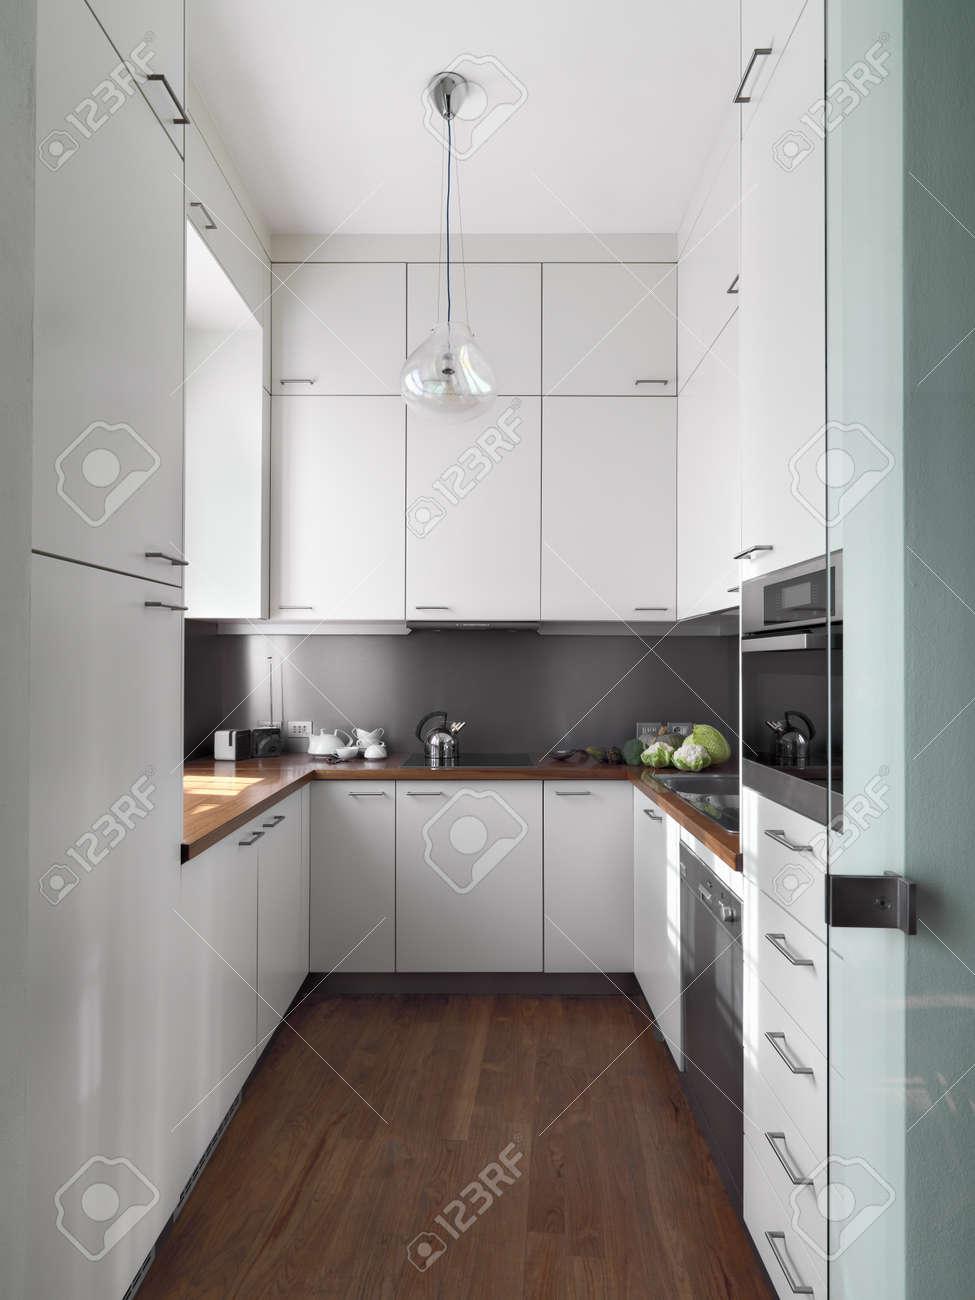 detail little white modern kitchen of wood floor and wood worktop Standard-Bild - 20105718